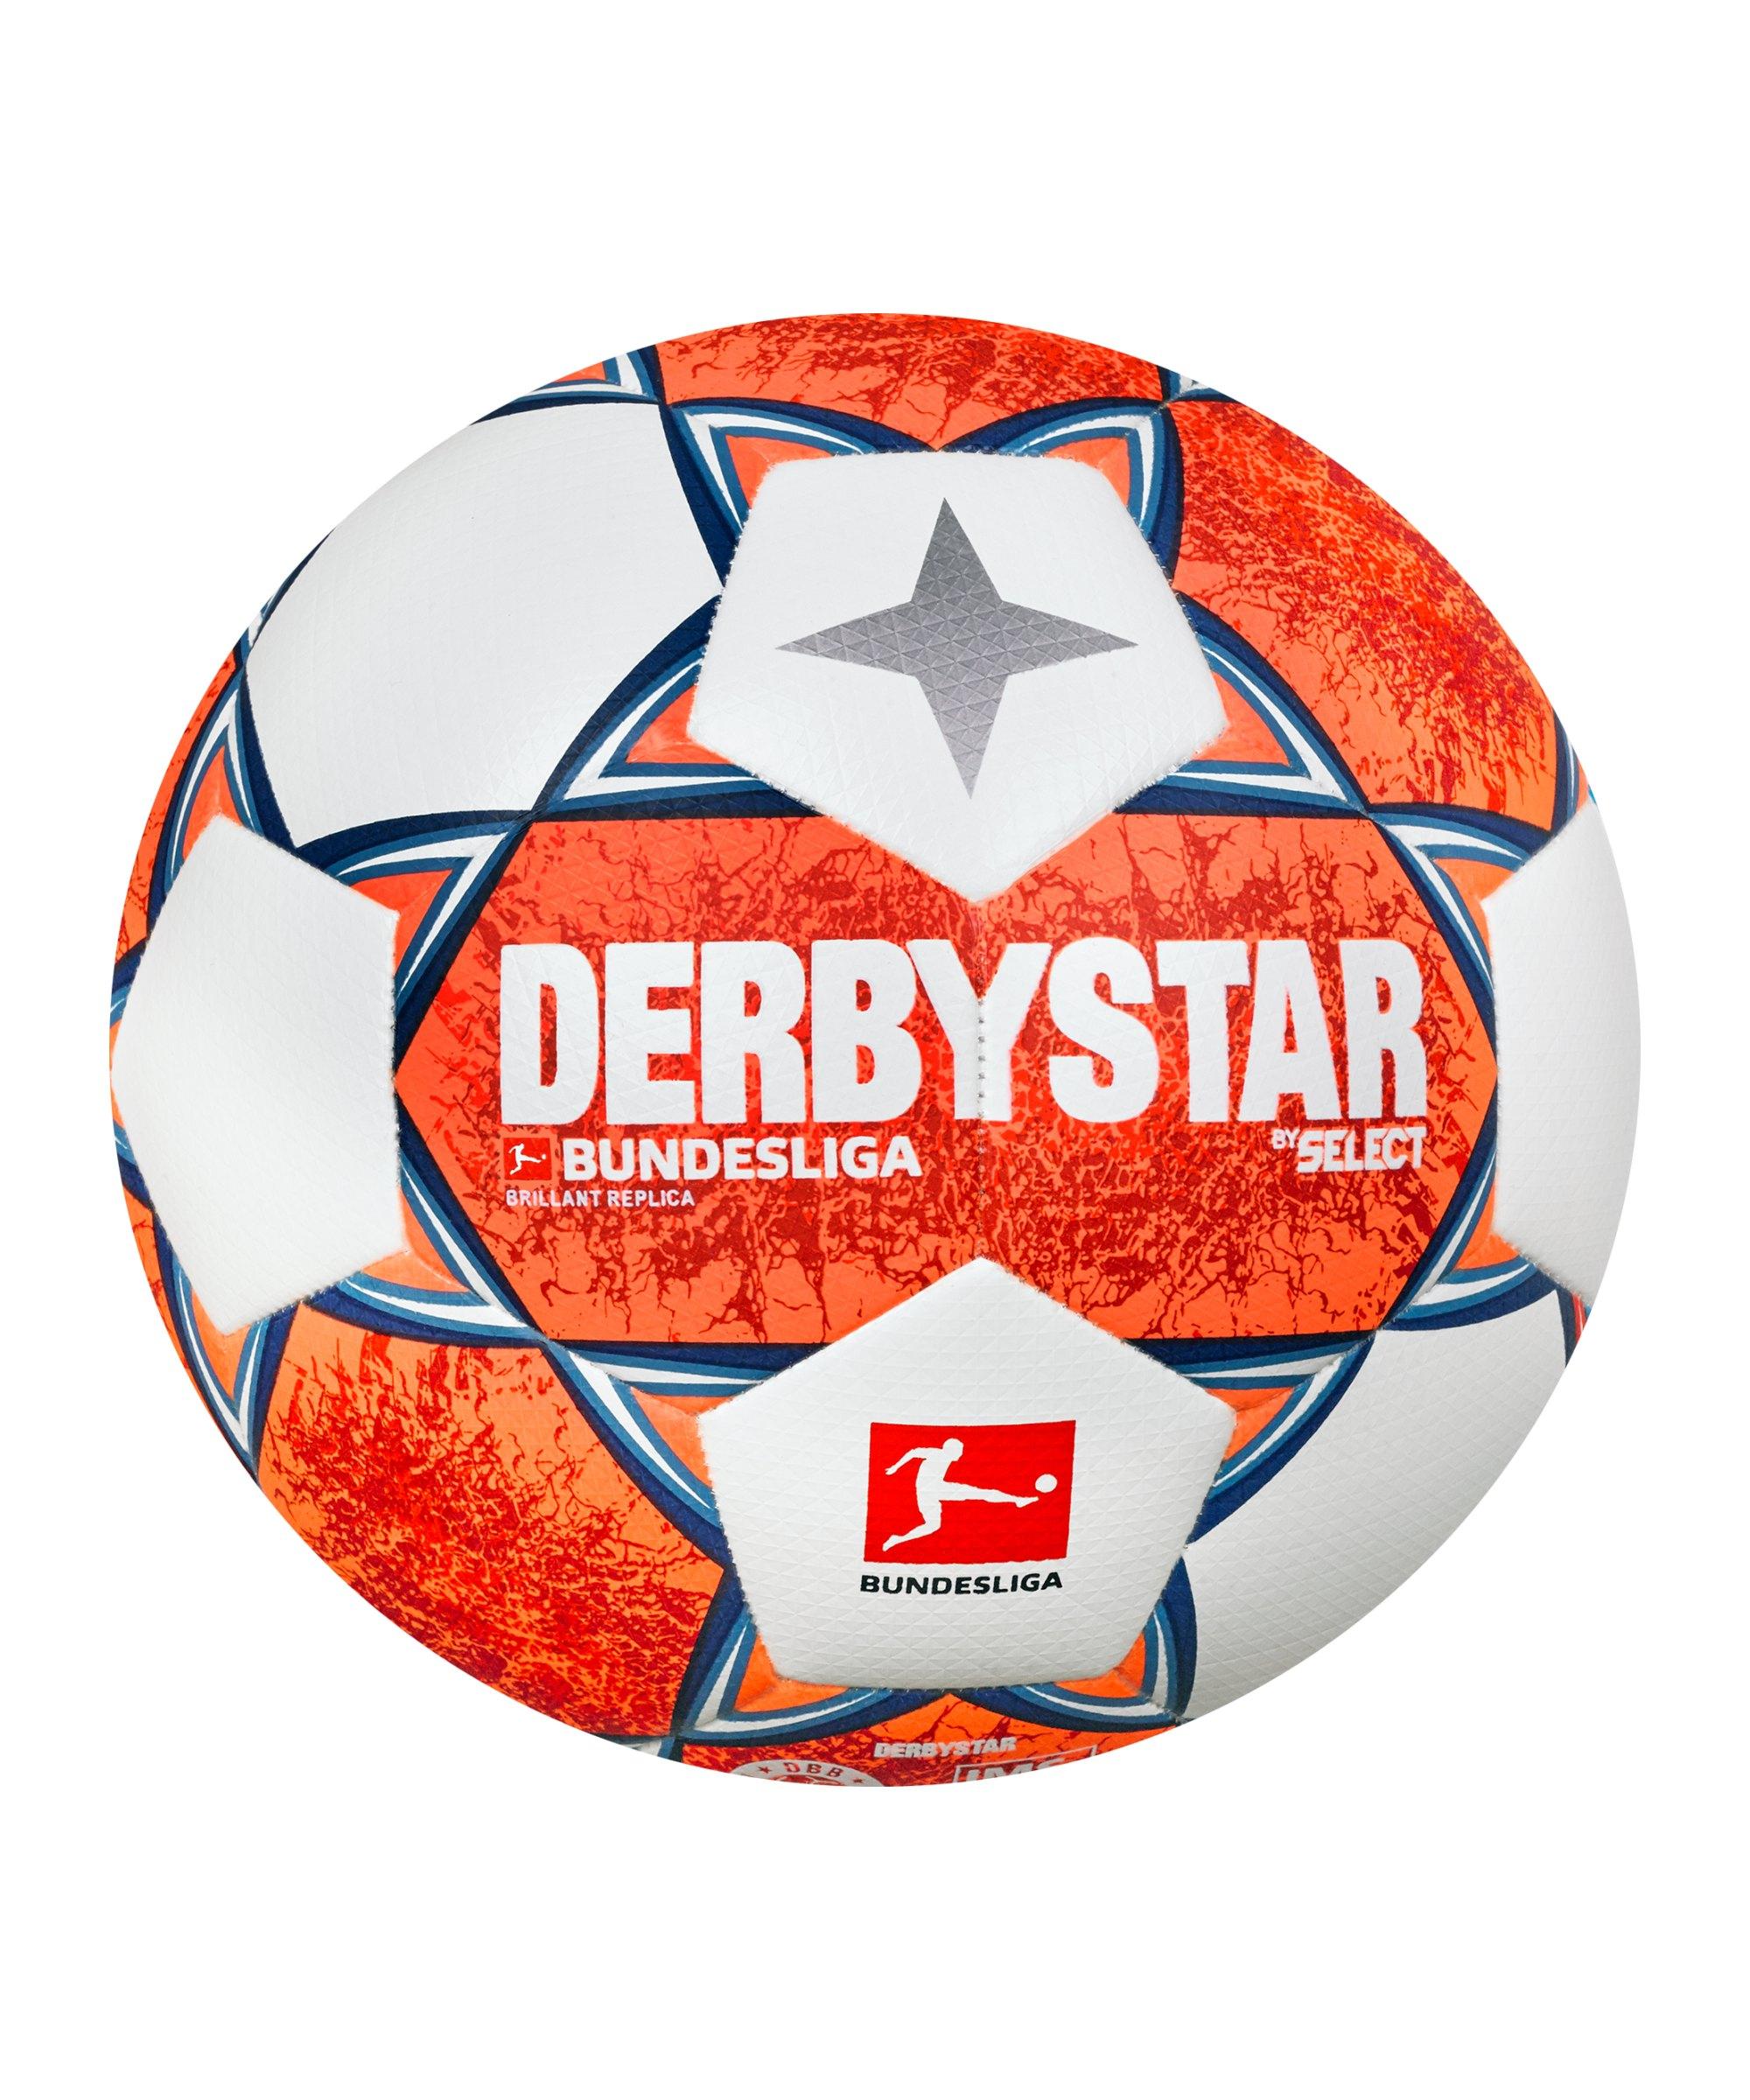 Derbystar Bundesliga Brillant Replica v21 Trainingsball 2021/2022 Orange Blau Weiss F021 - orange